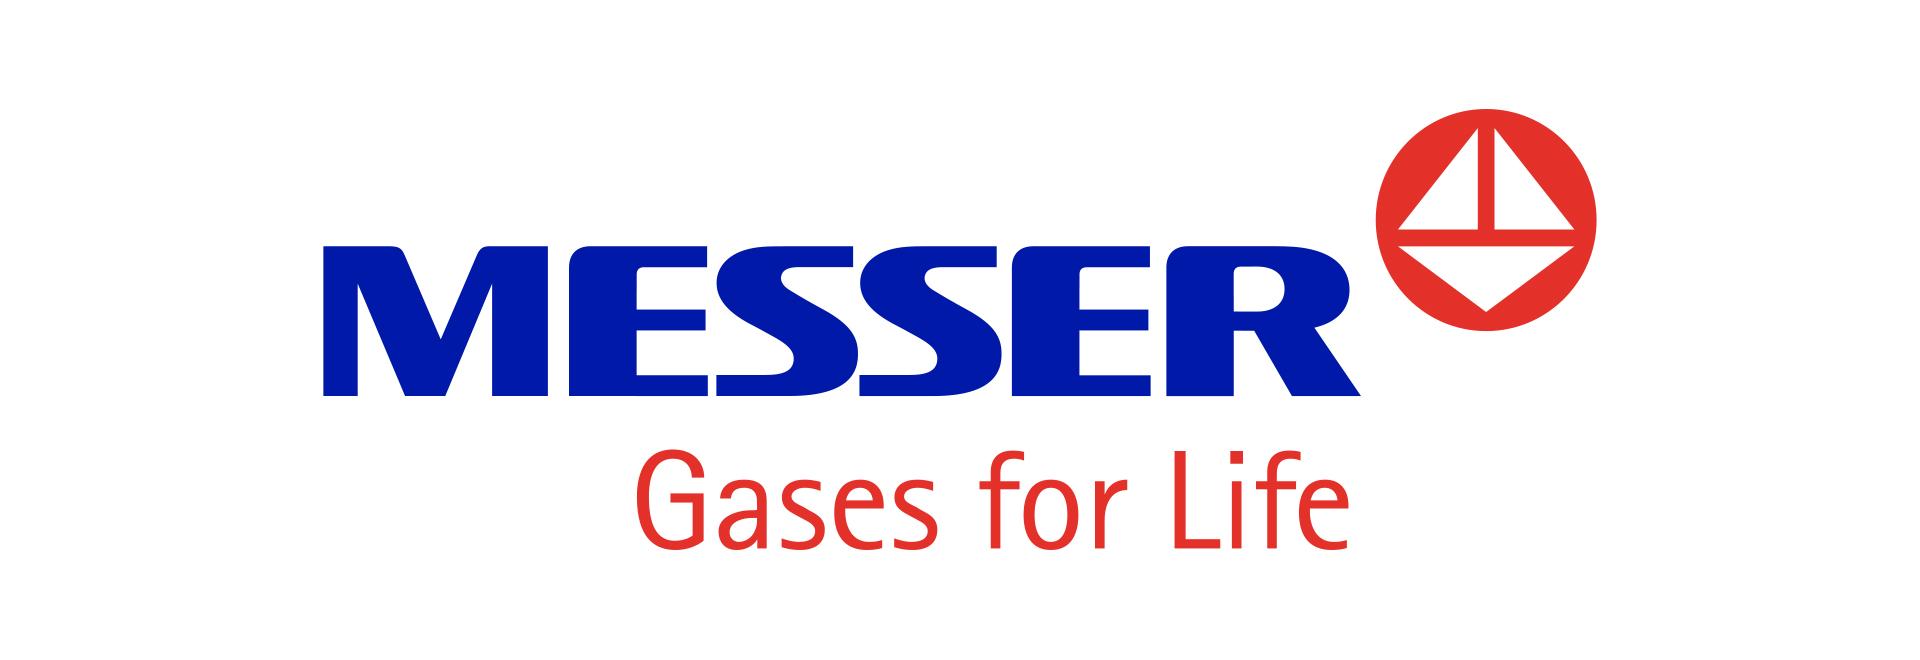 Messer gas